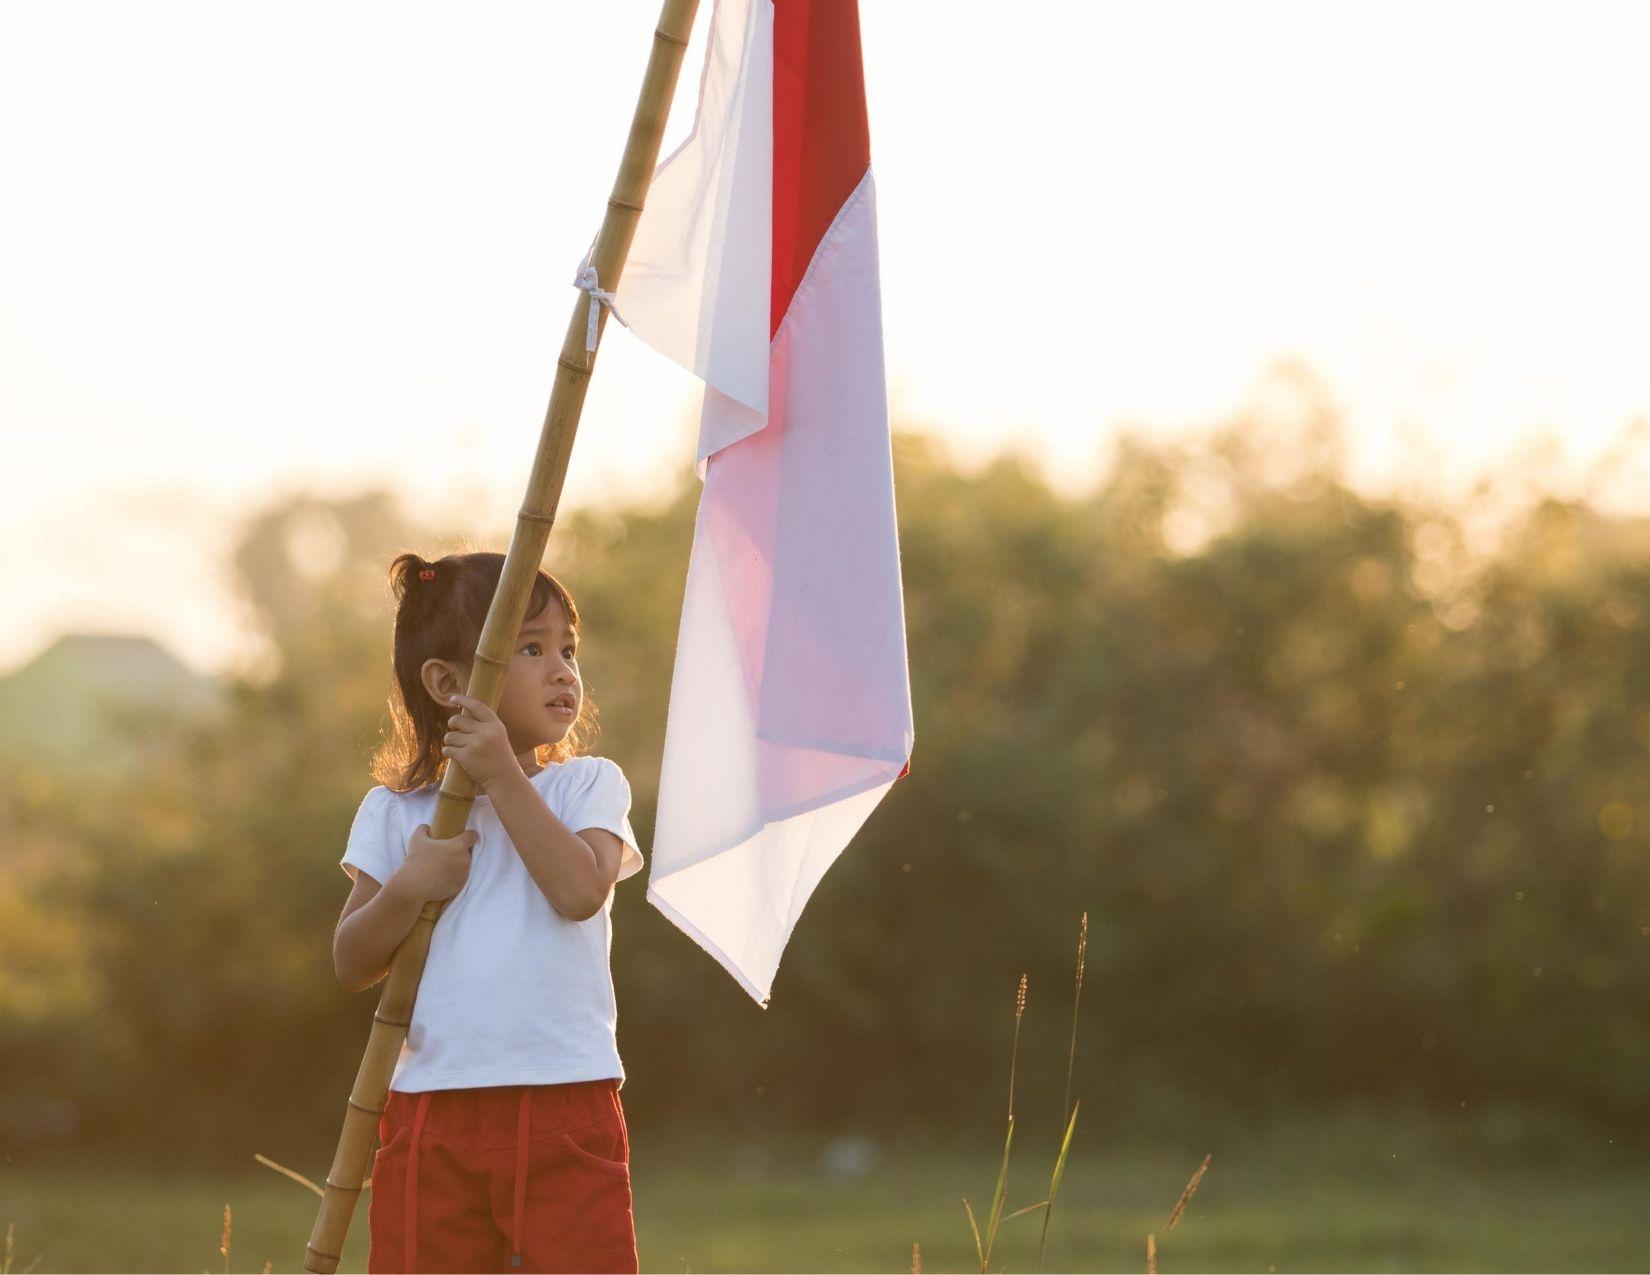 детская пересадка печени в индонезии